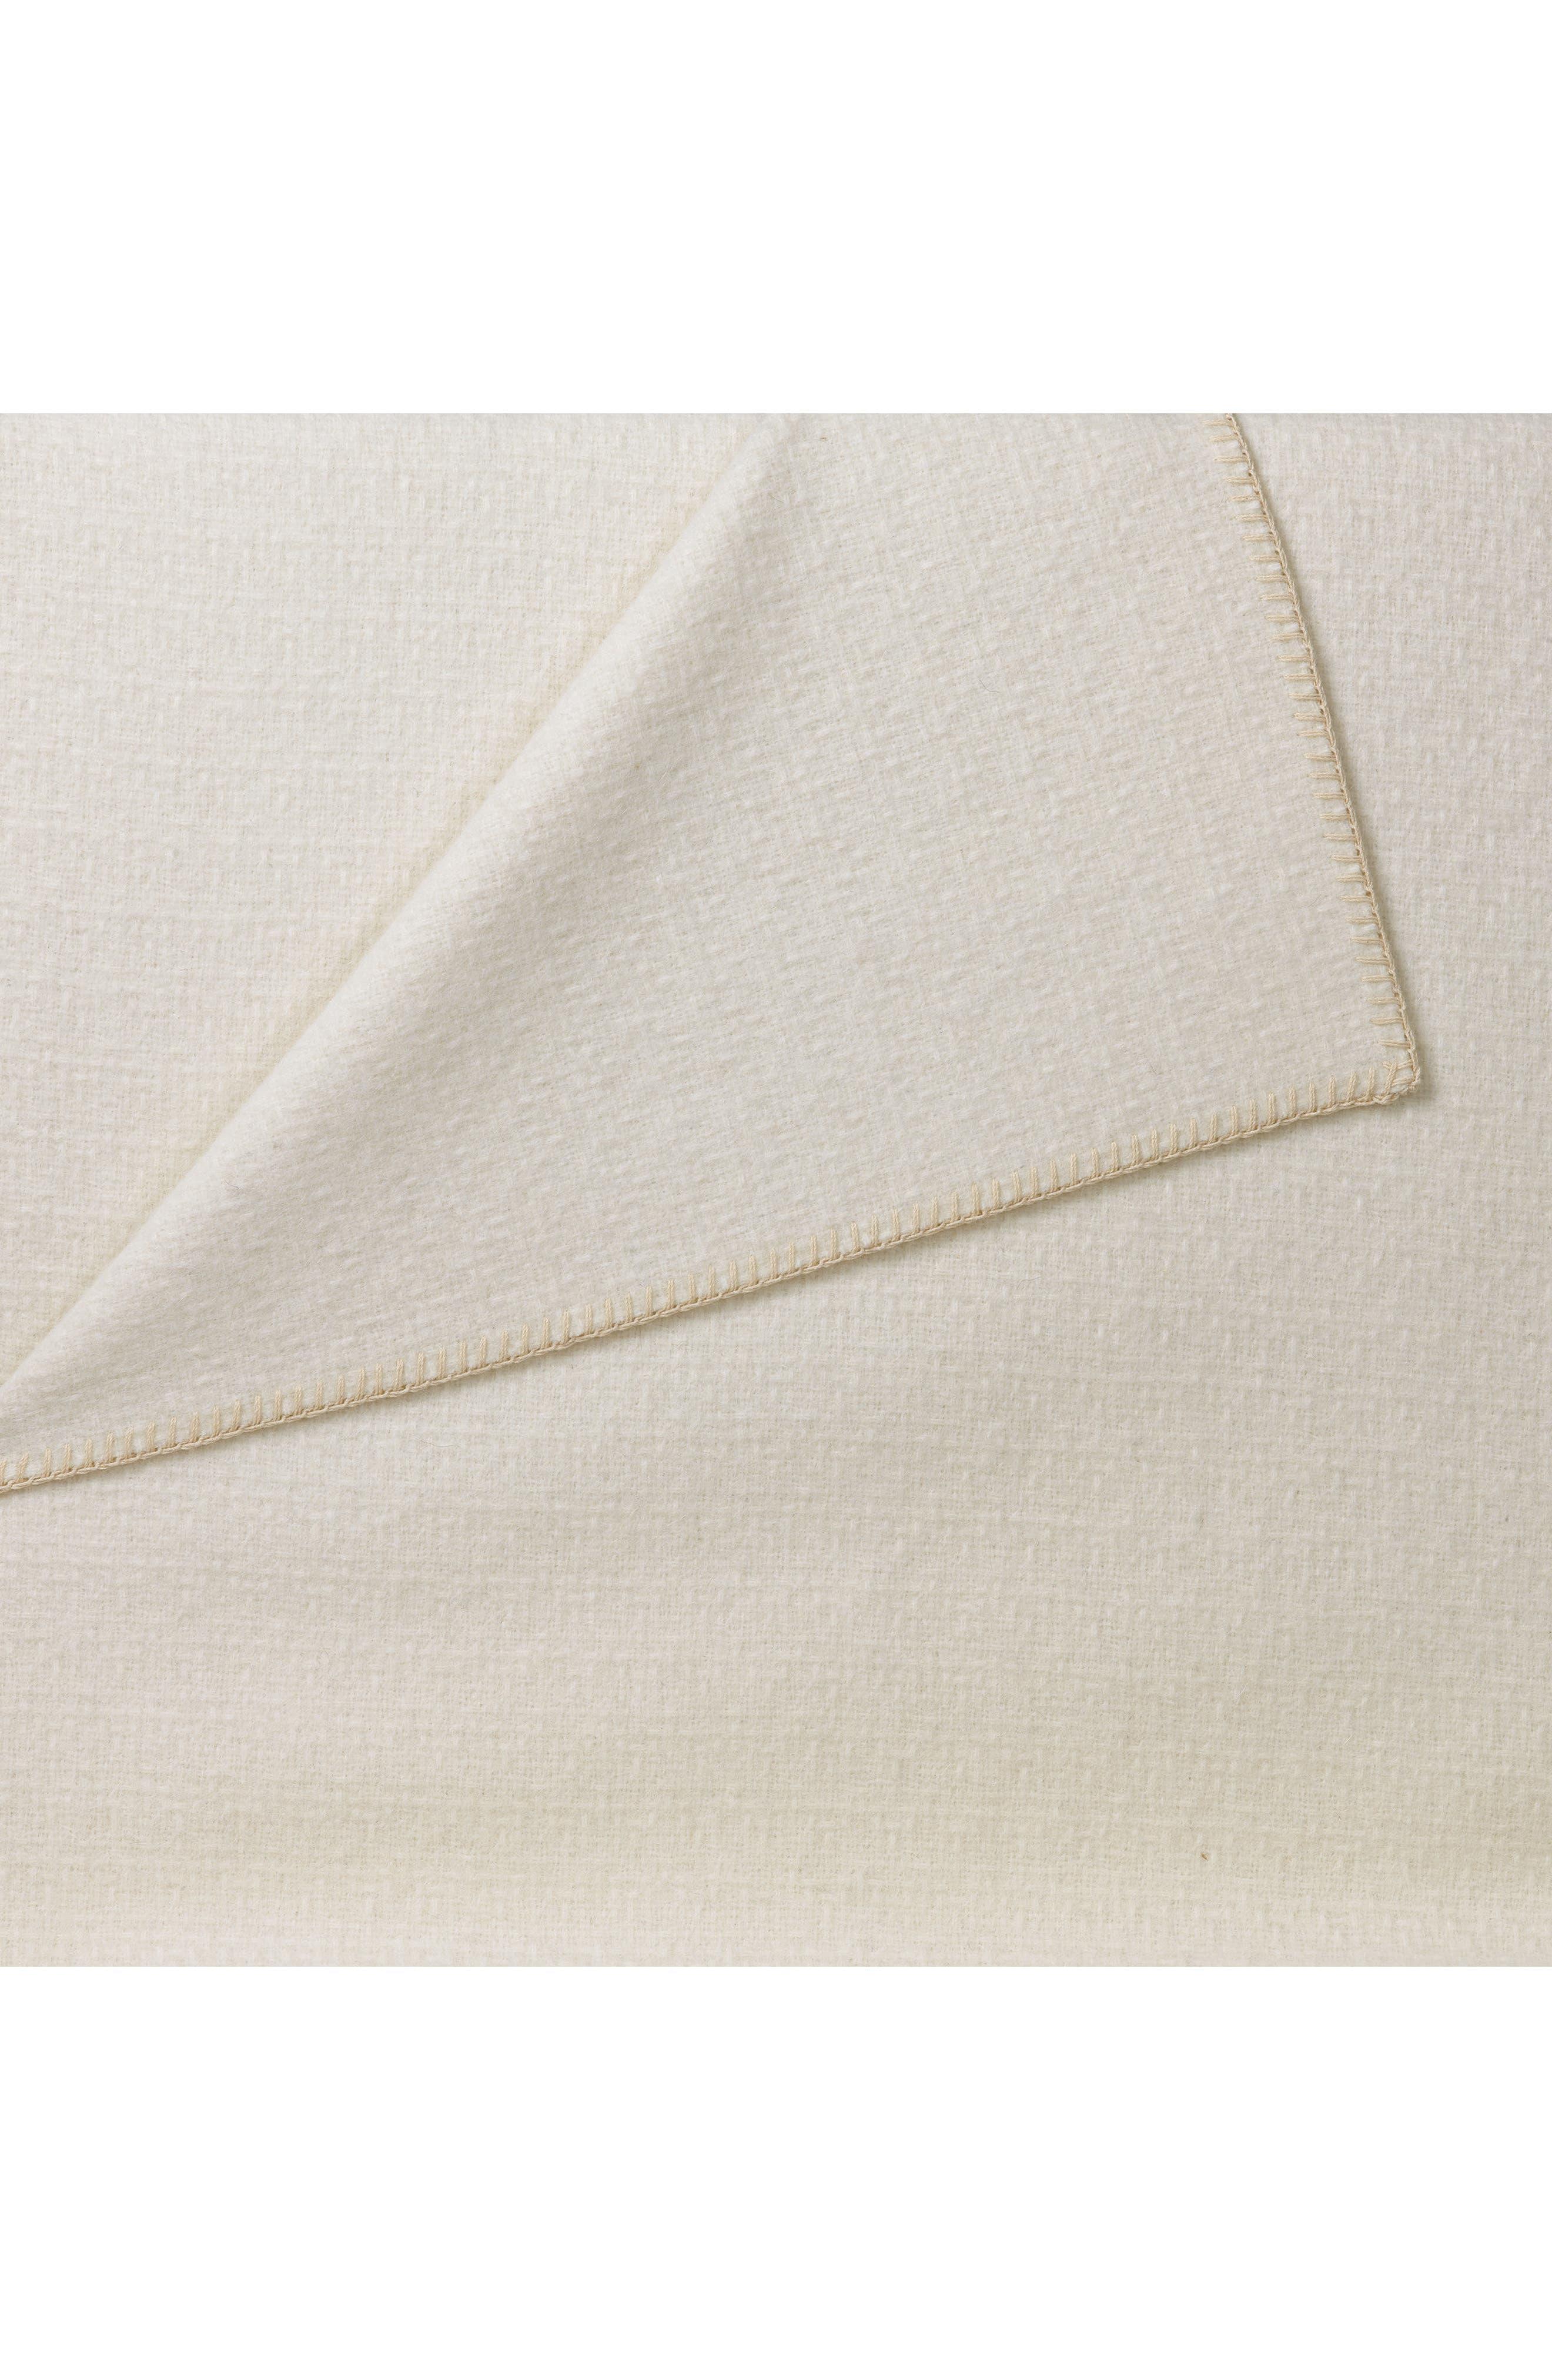 Broken Basketweave Alpaca Thow Blanket,                             Alternate thumbnail 2, color,                             Ivory